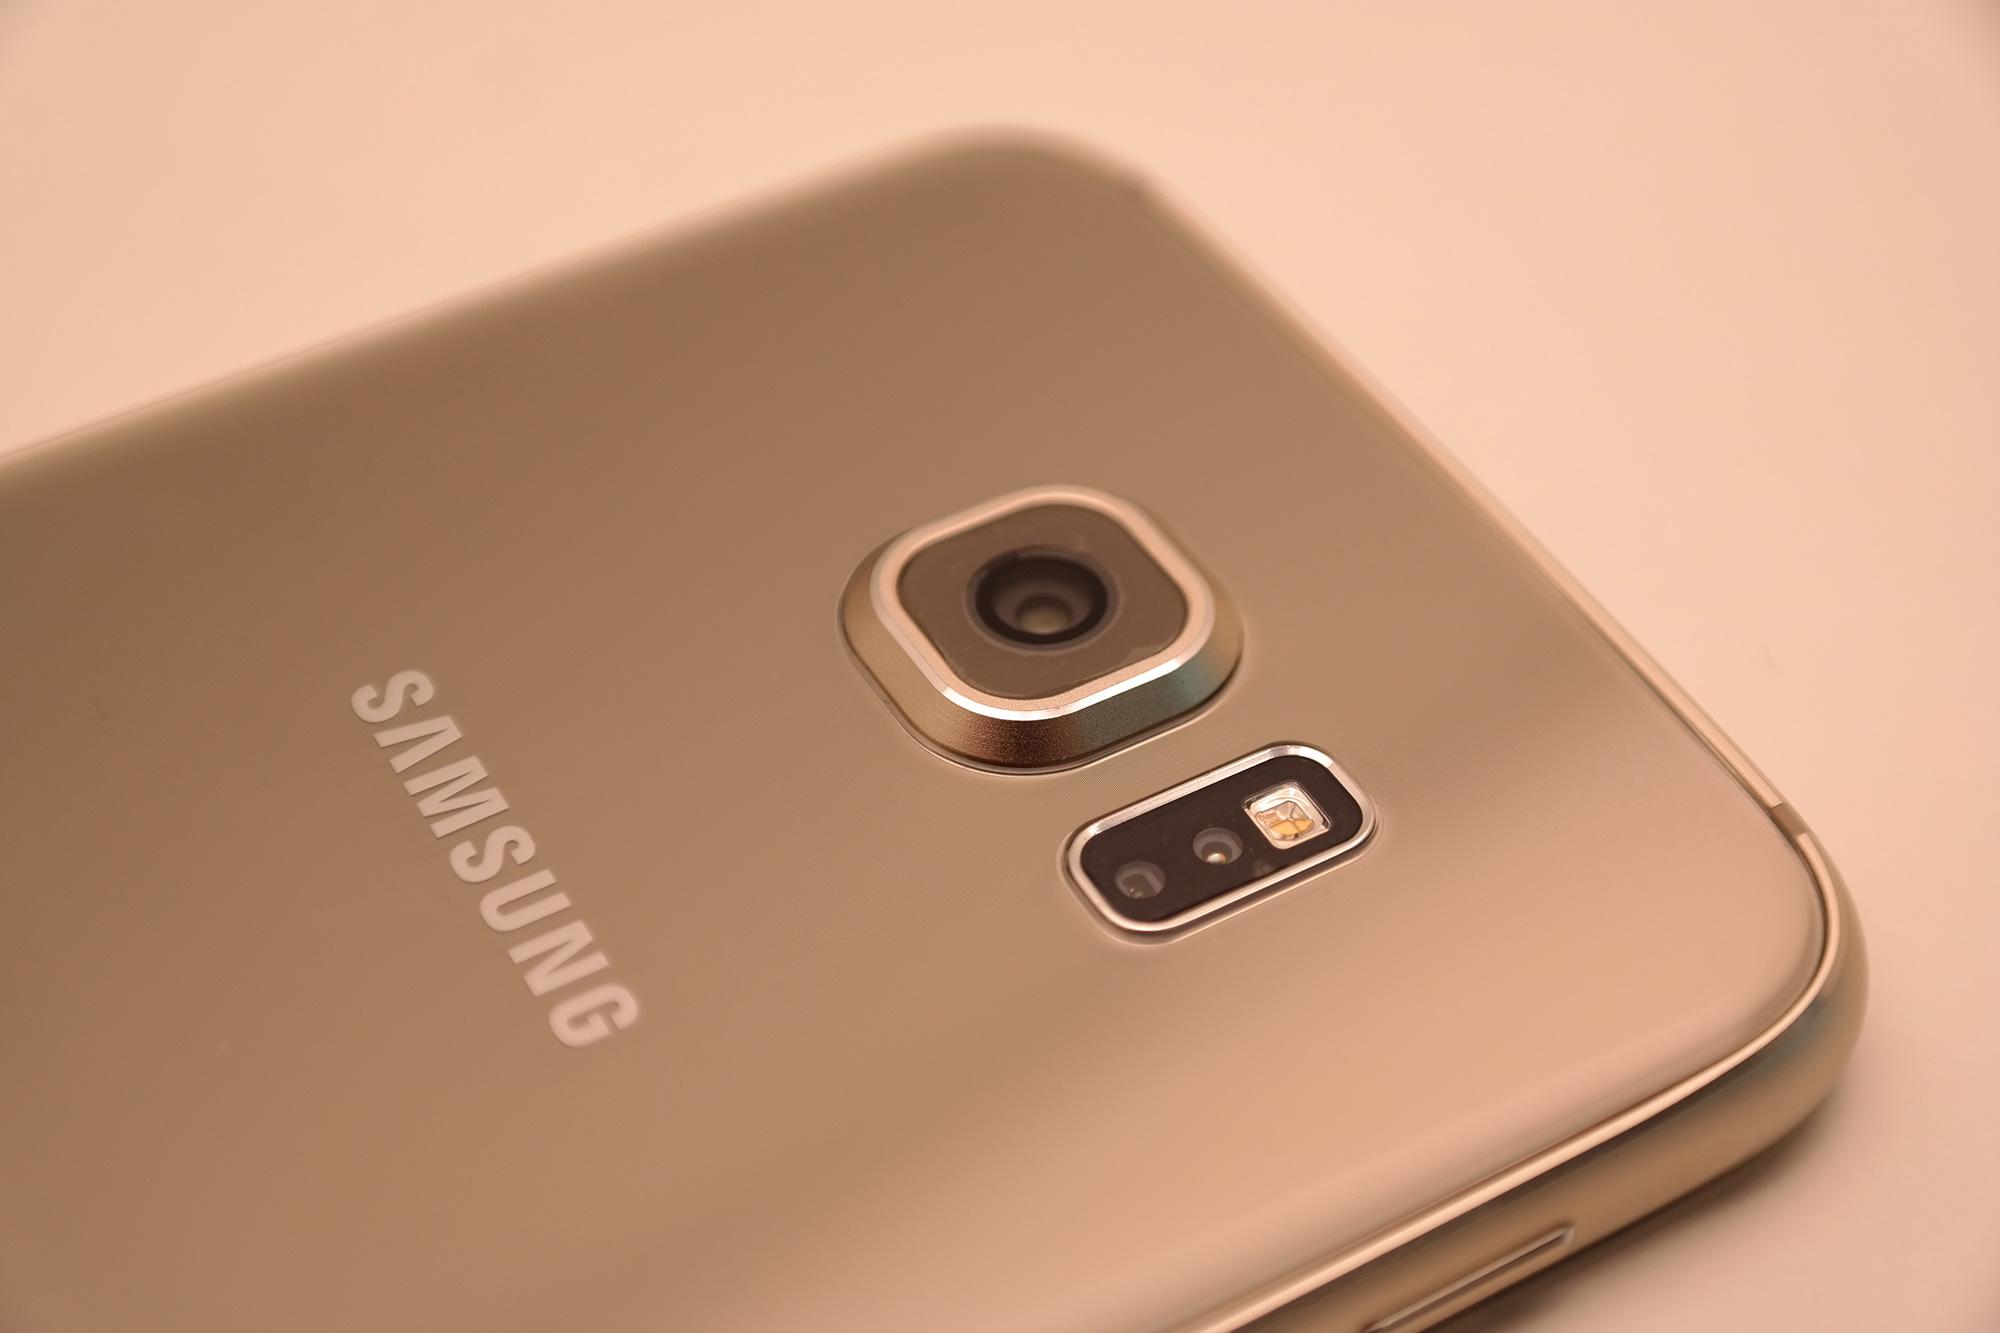 Die Kamera Des Galaxy S6 Und S6 Edge Im Detail